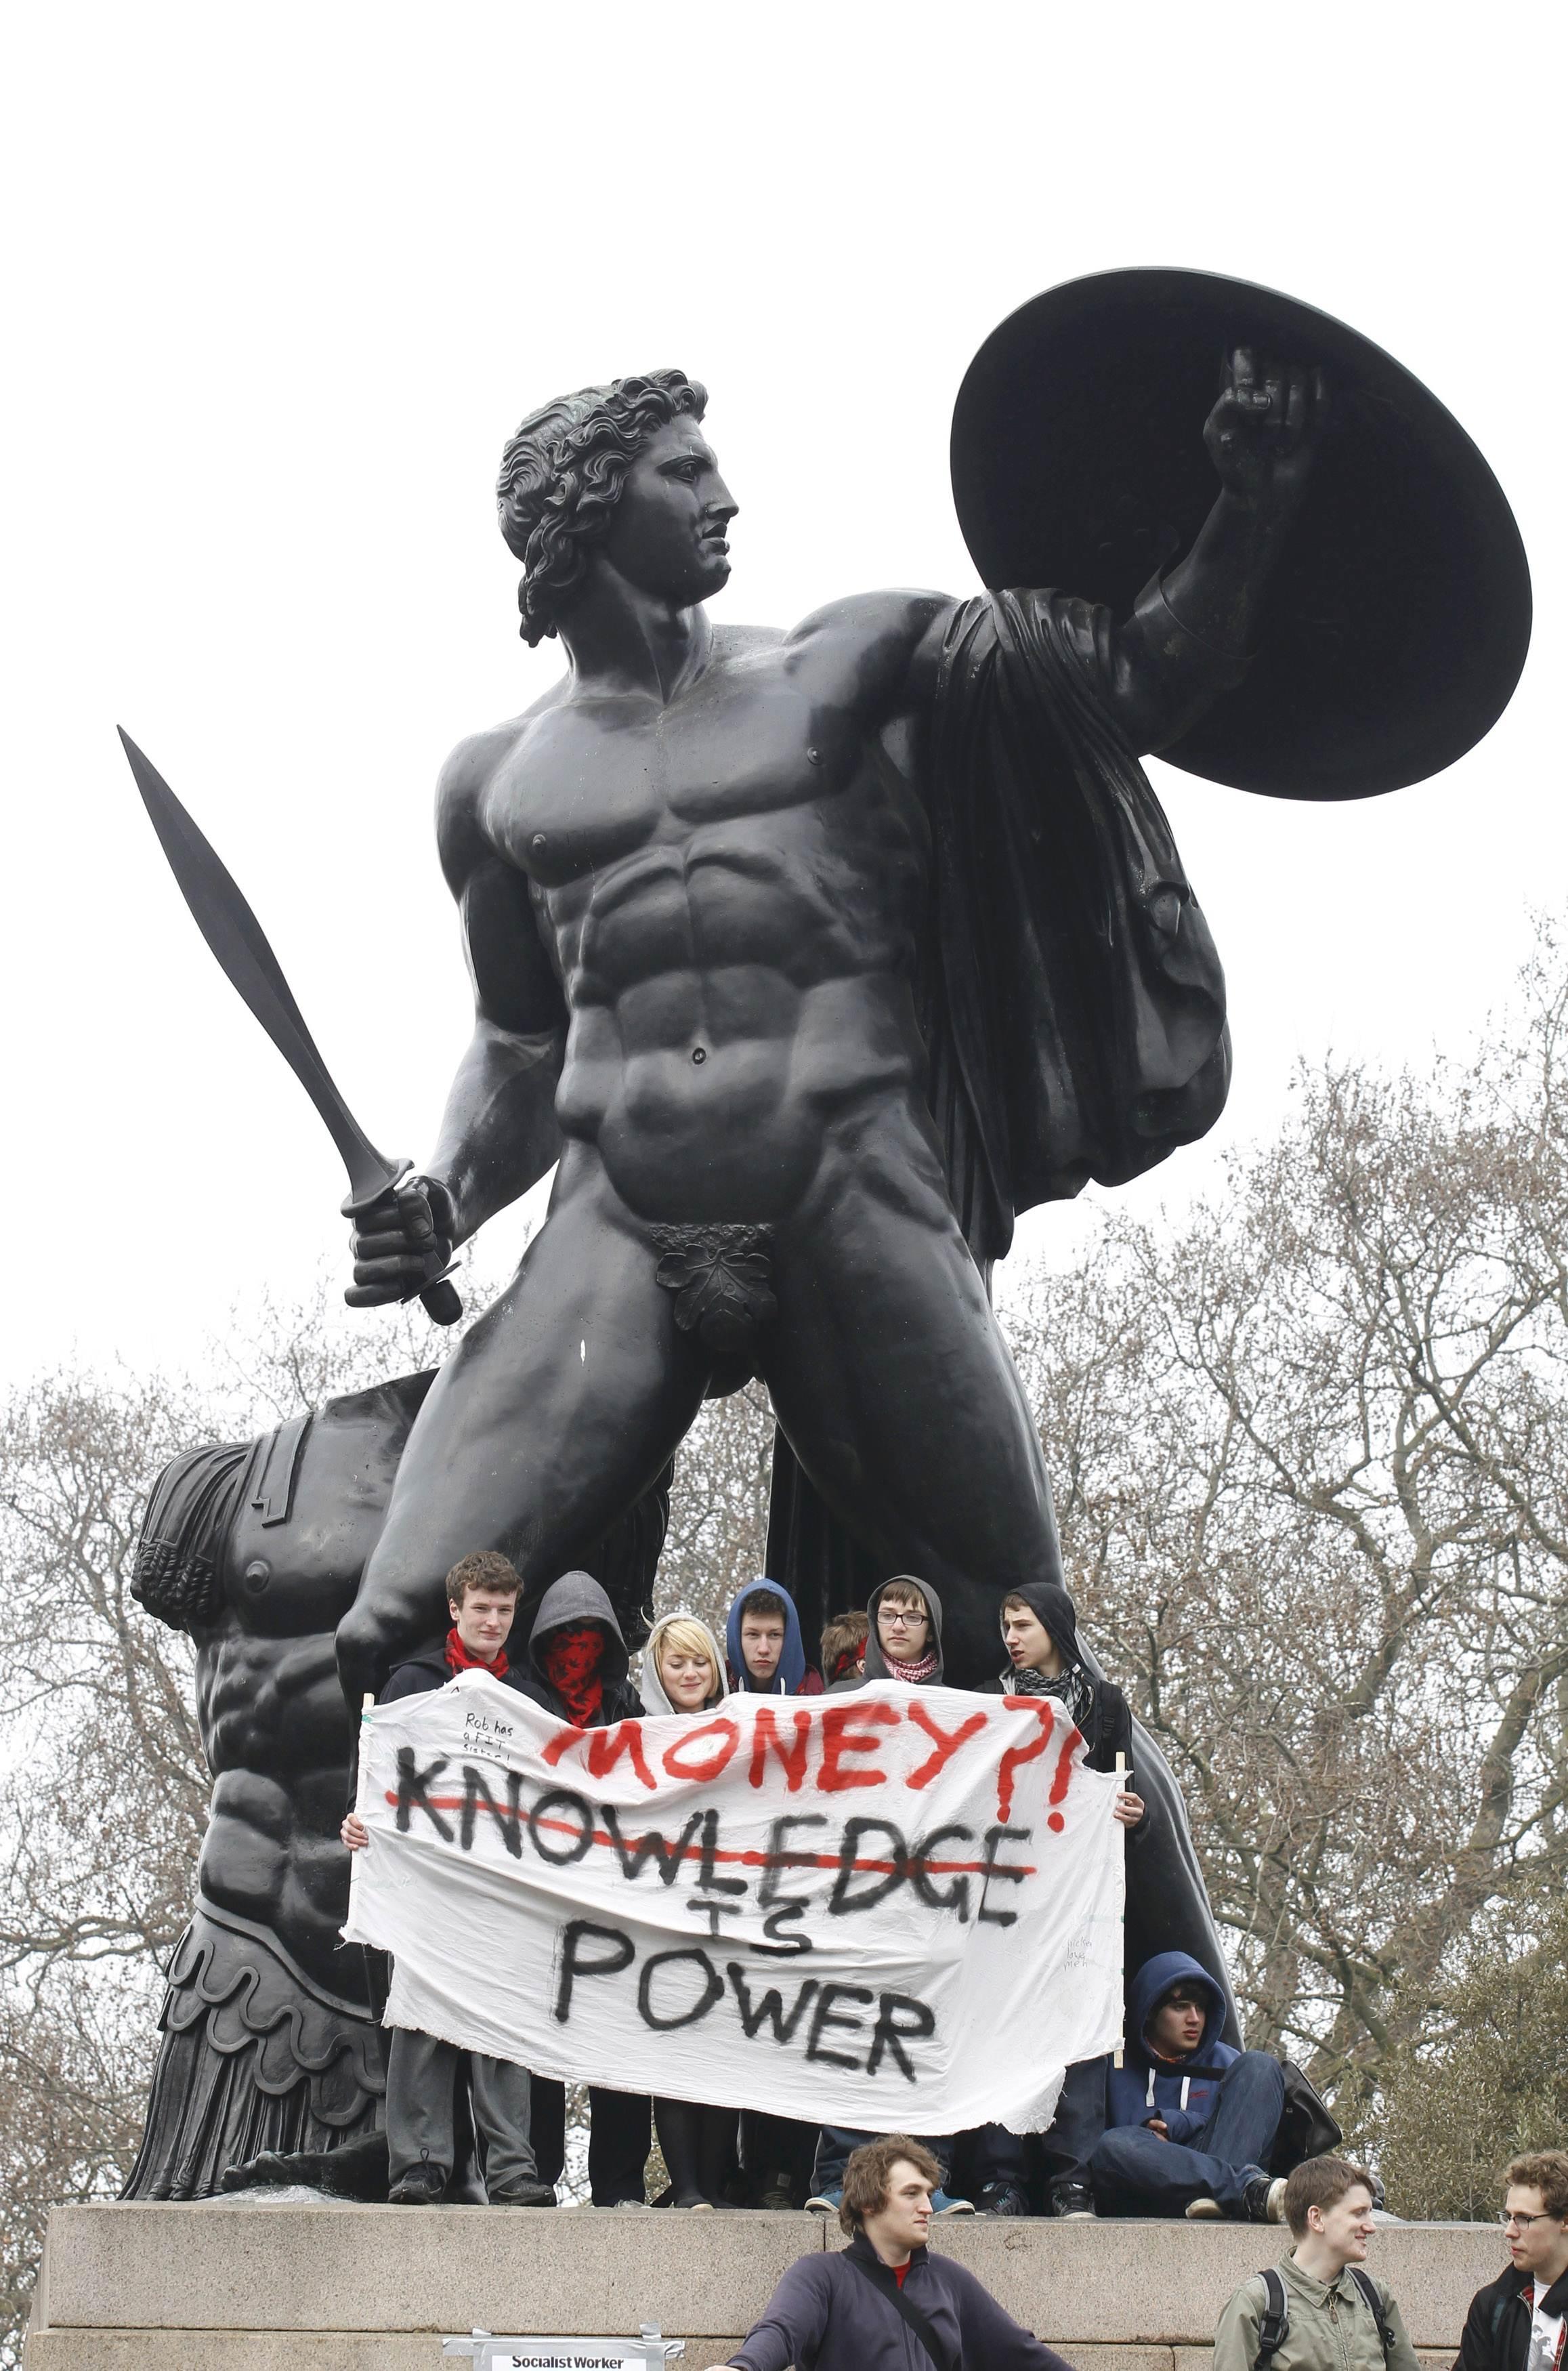 Το άγαλμα κατά την διάρκεια των διαδηλώσεων. ΦΩΤΟ REUTERS